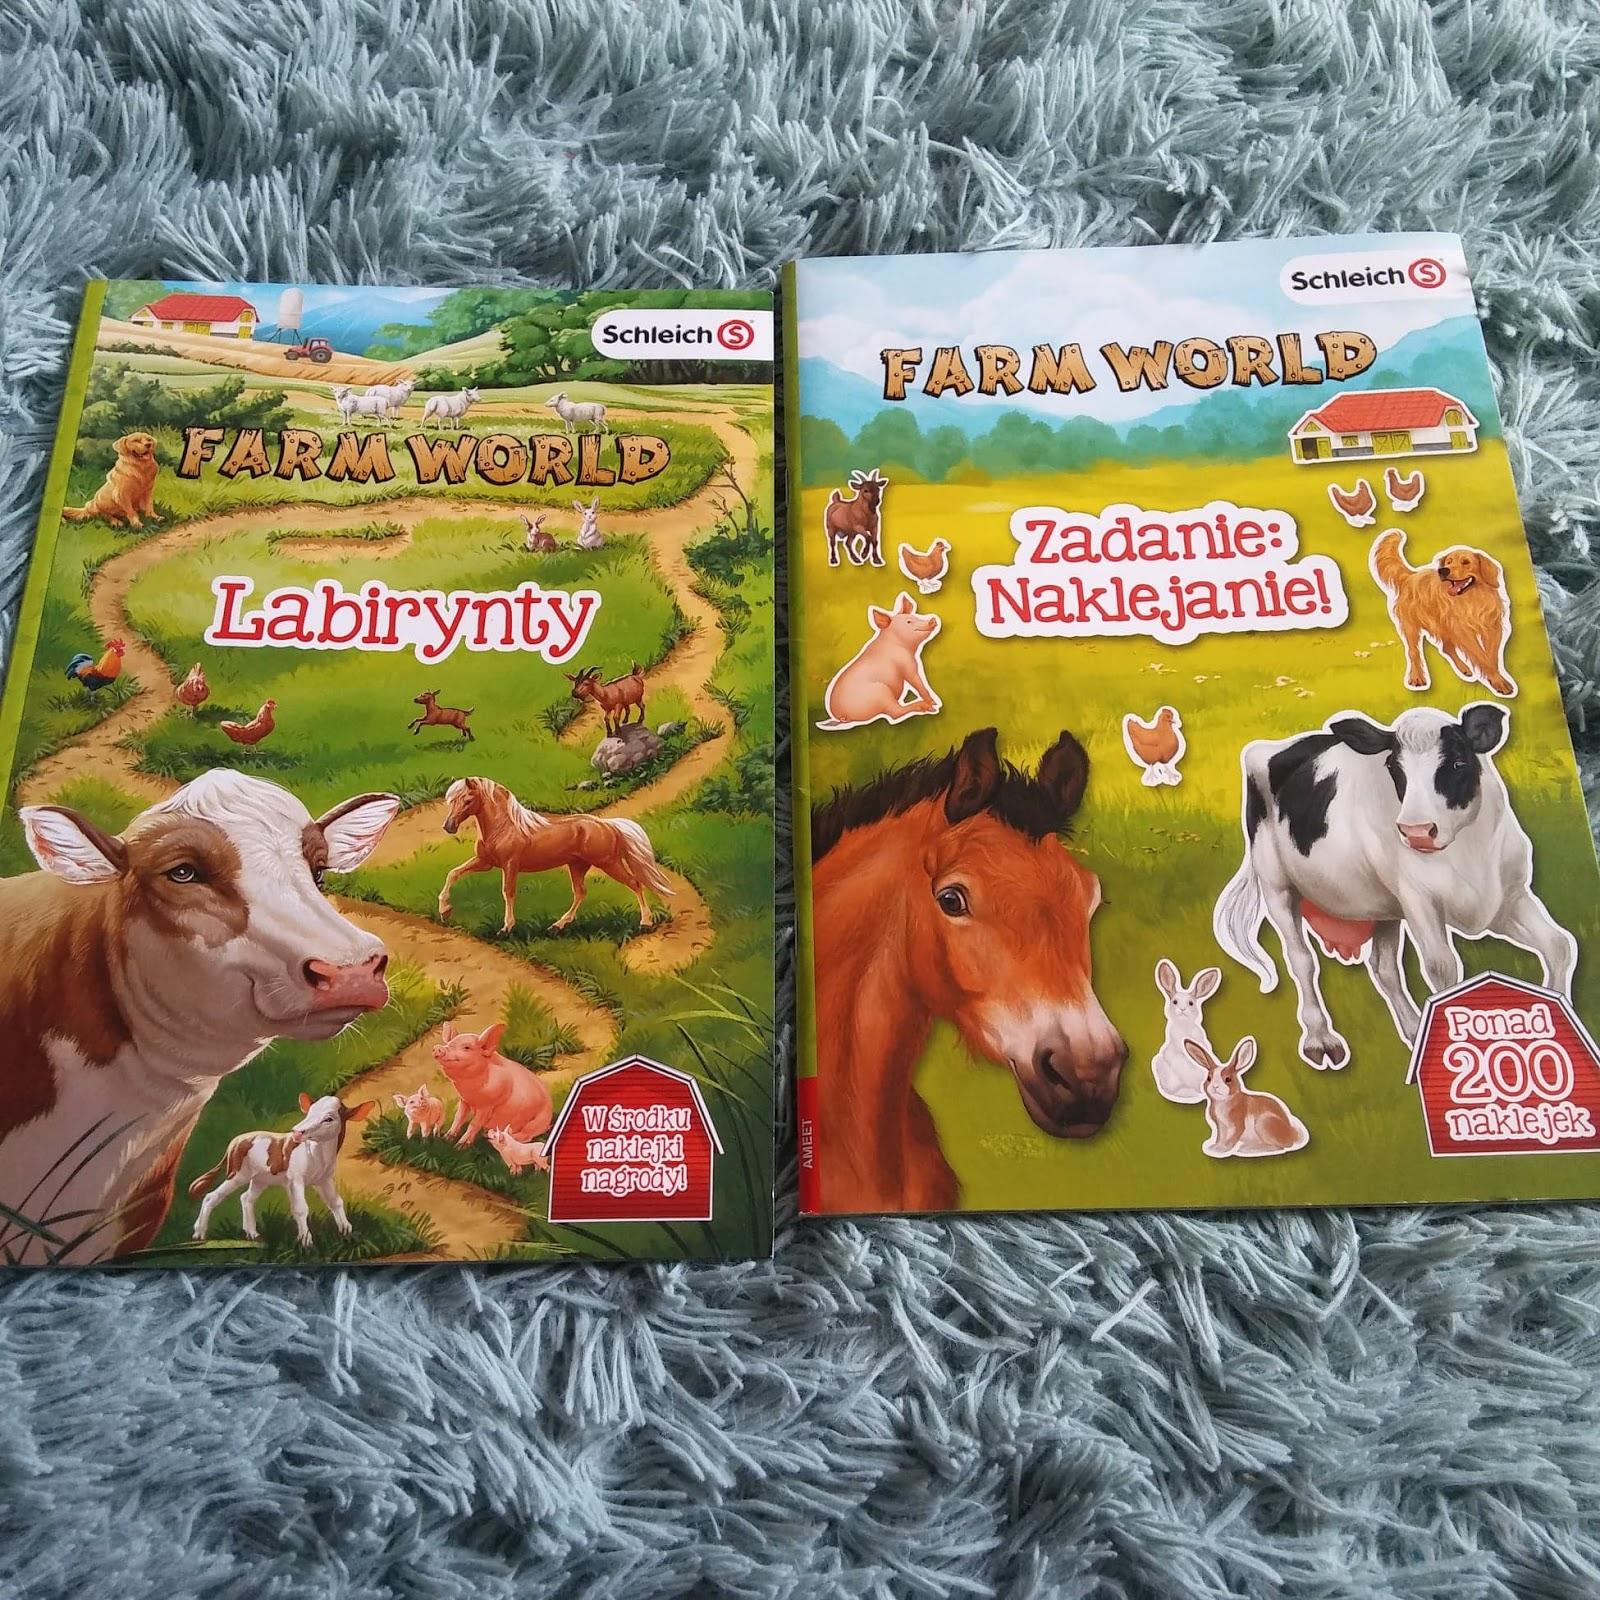 AMEET-Schleich Farm World Labirynty oraz Zadanie: naklejanie!